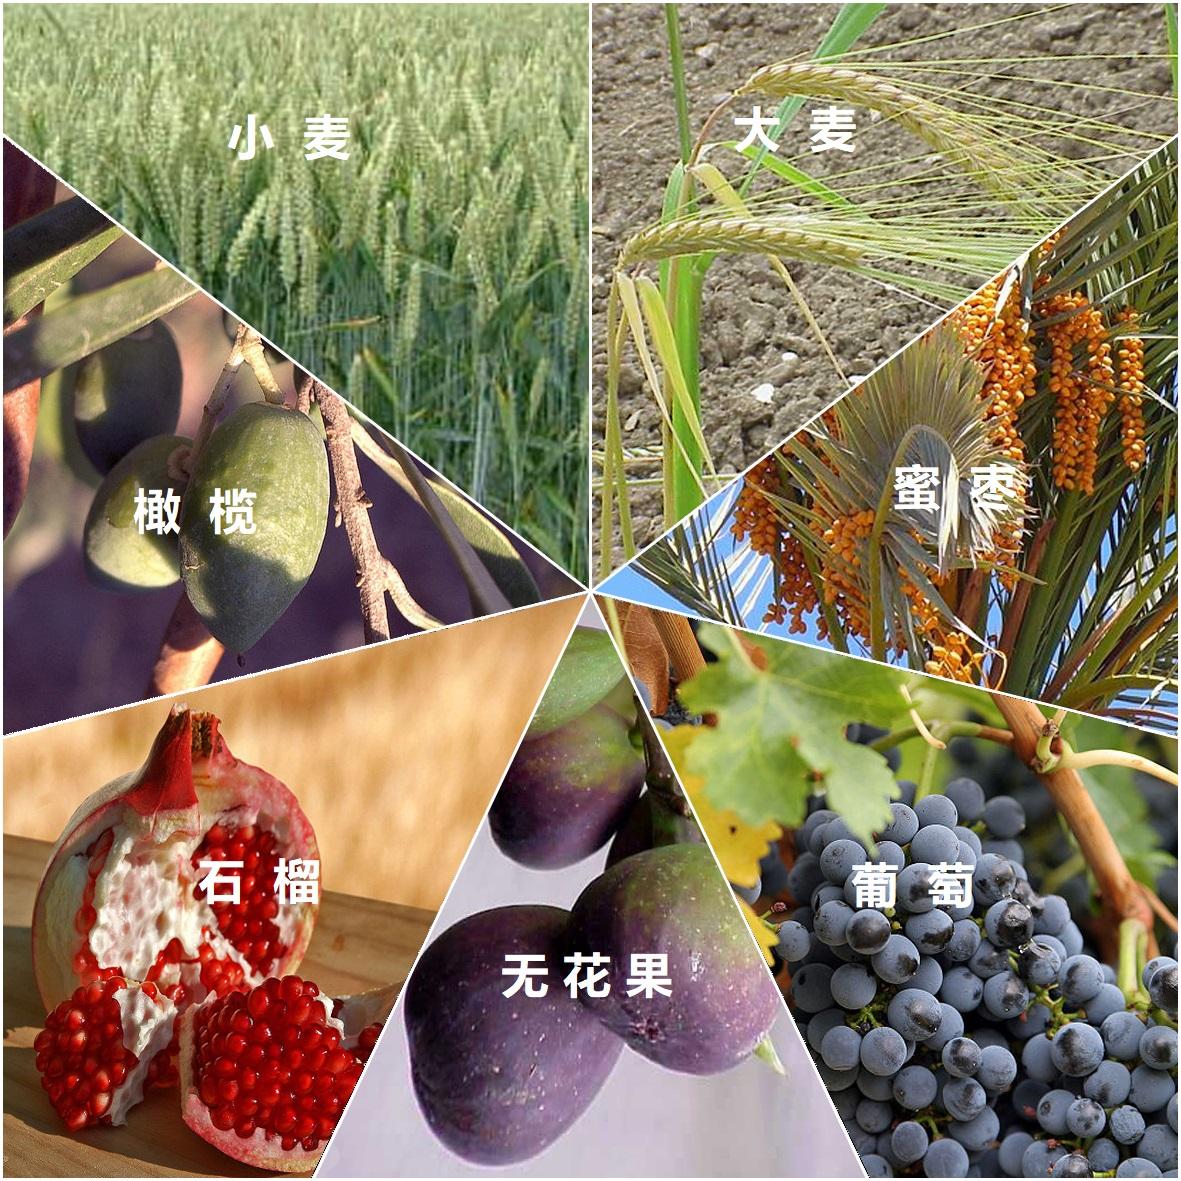 上图:「七粮 שבעת המינים, Shiv'at HaMinim / Seven Spieces」指圣经中特别列出的以色列地的七种农产品,包括小麦、大麦、葡萄、无花果、石榴、橄榄和蜜枣(申八8),是古代以色列人的主要食物。《密西拿Mishna》指出,只有「七粮」的初熟果子才能在圣殿献祭。圣经中提到的蜜(申八8),很可能是蜂蜜。但在编撰《塔木德 Talmud》时,以色列的蜜蜂已经灭绝,所以用蜜枣代替蜂蜜。